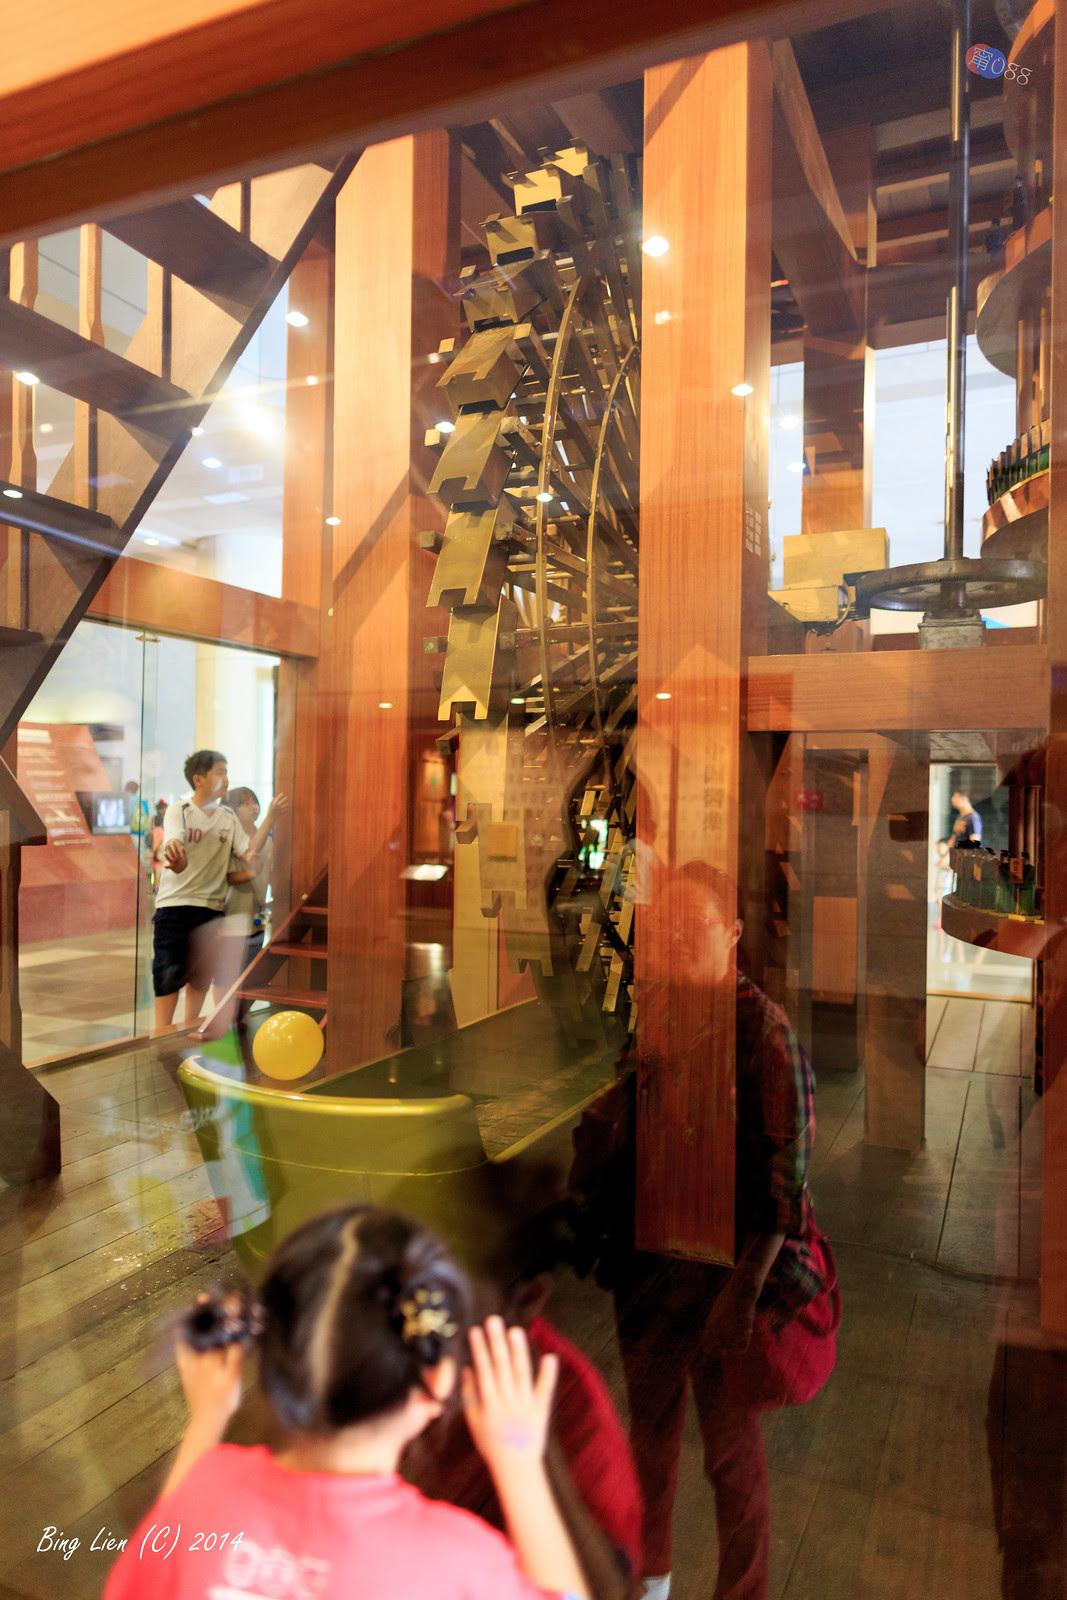 甯甯拔拔的影誌 (Bing's Blog): 2014 公司旅遊: 臺中一日遊 (3) 國立自然科學博物館: 人類文化廳